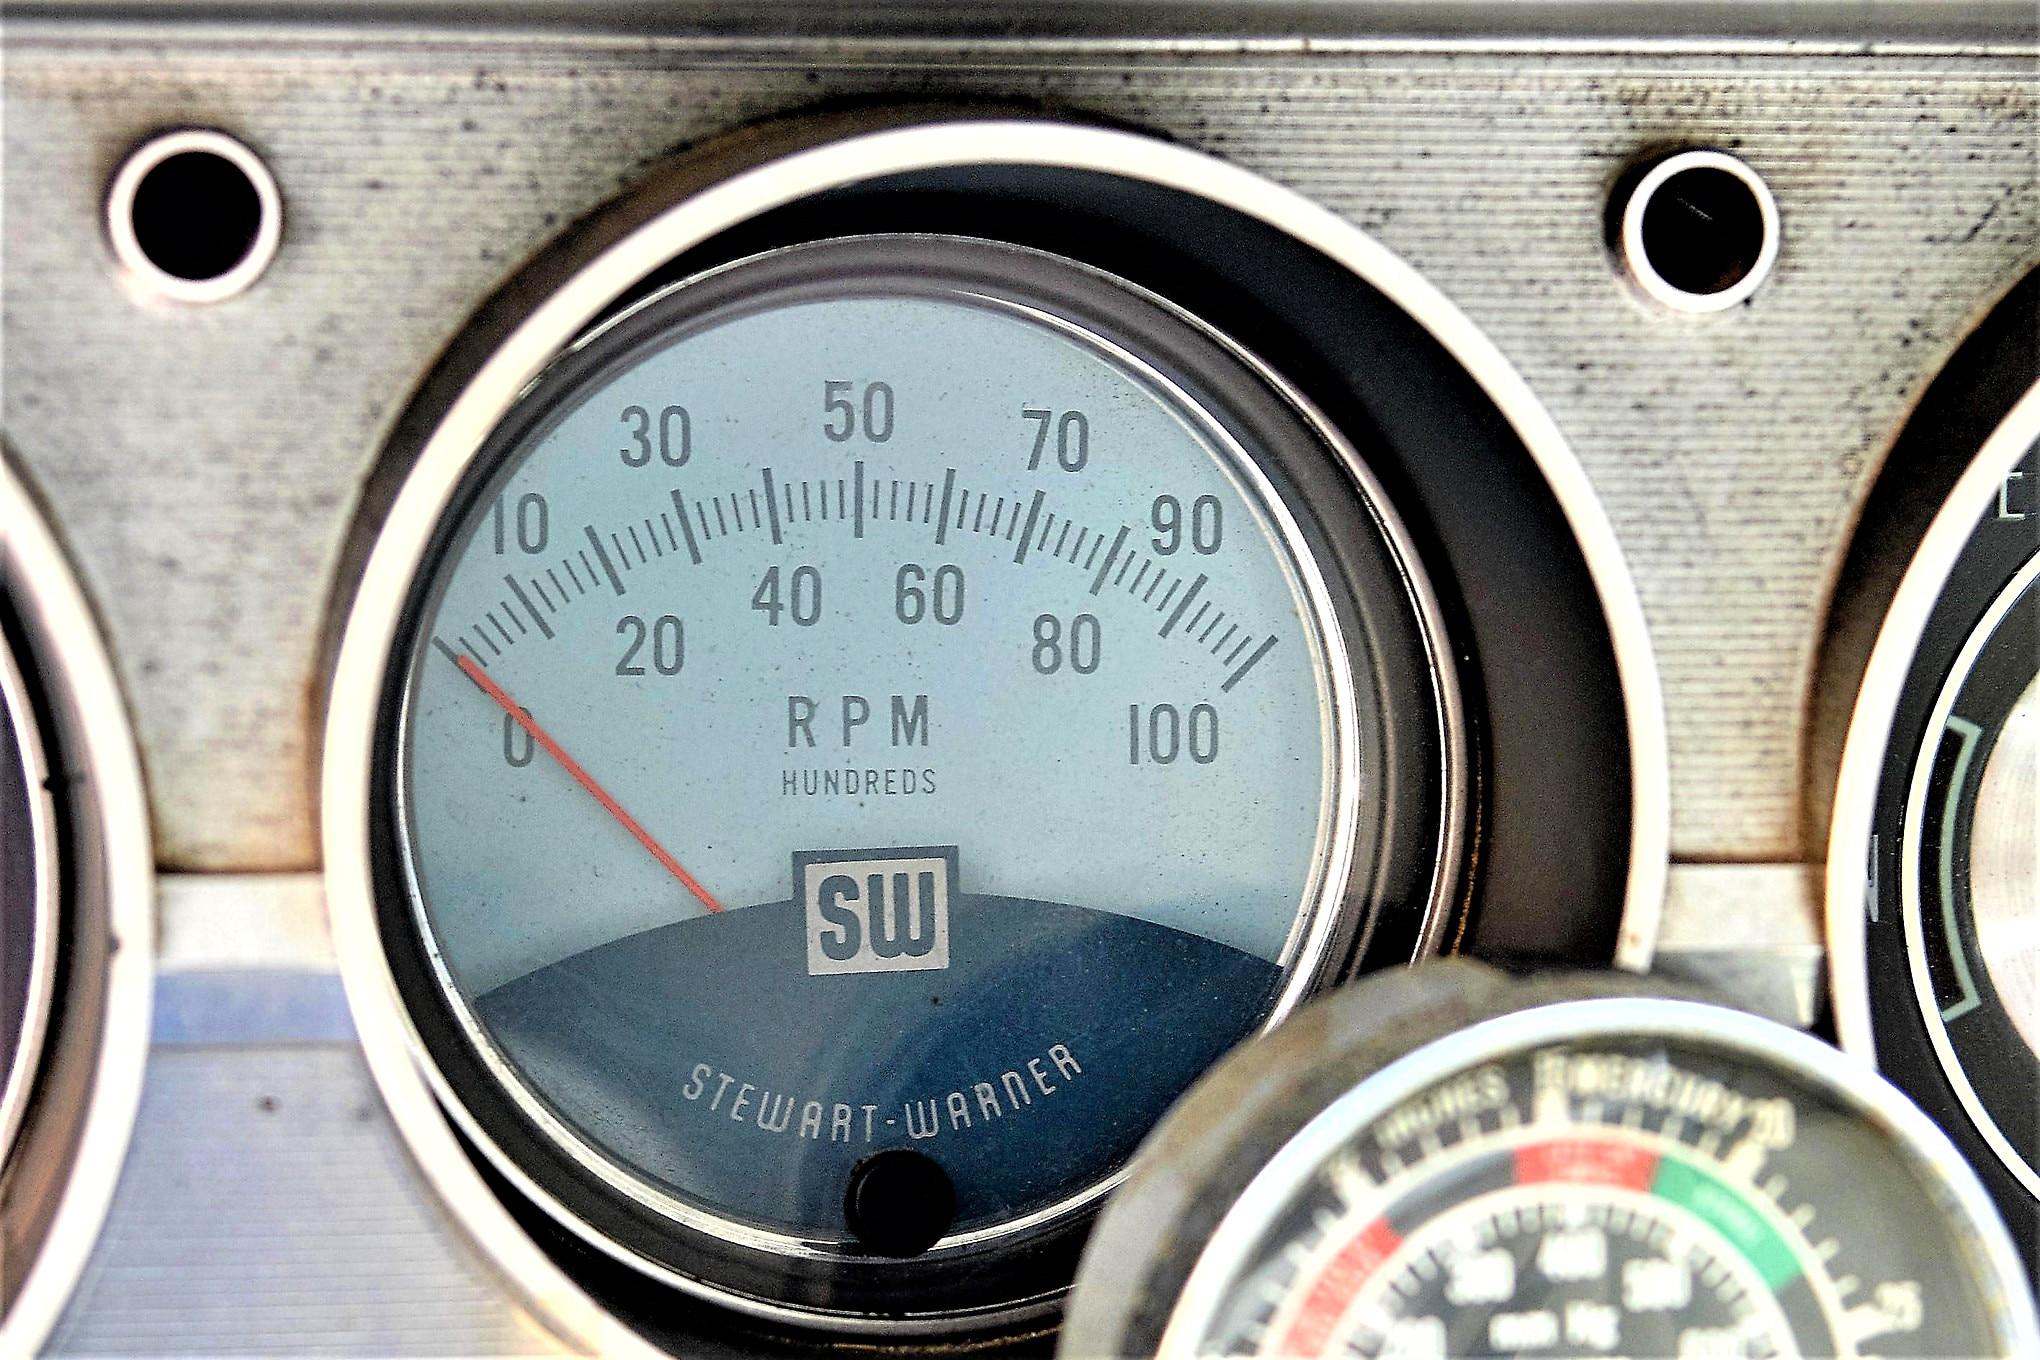 [DIAGRAM_4PO]  GD_5102] 70 Chevelle Fuel Gauge Wiring Diagram | Chevelle Rpm Wiring Diagram |  | Spon Cajos Omit Greas Benkeme Mohammedshrine Librar Wiring 101